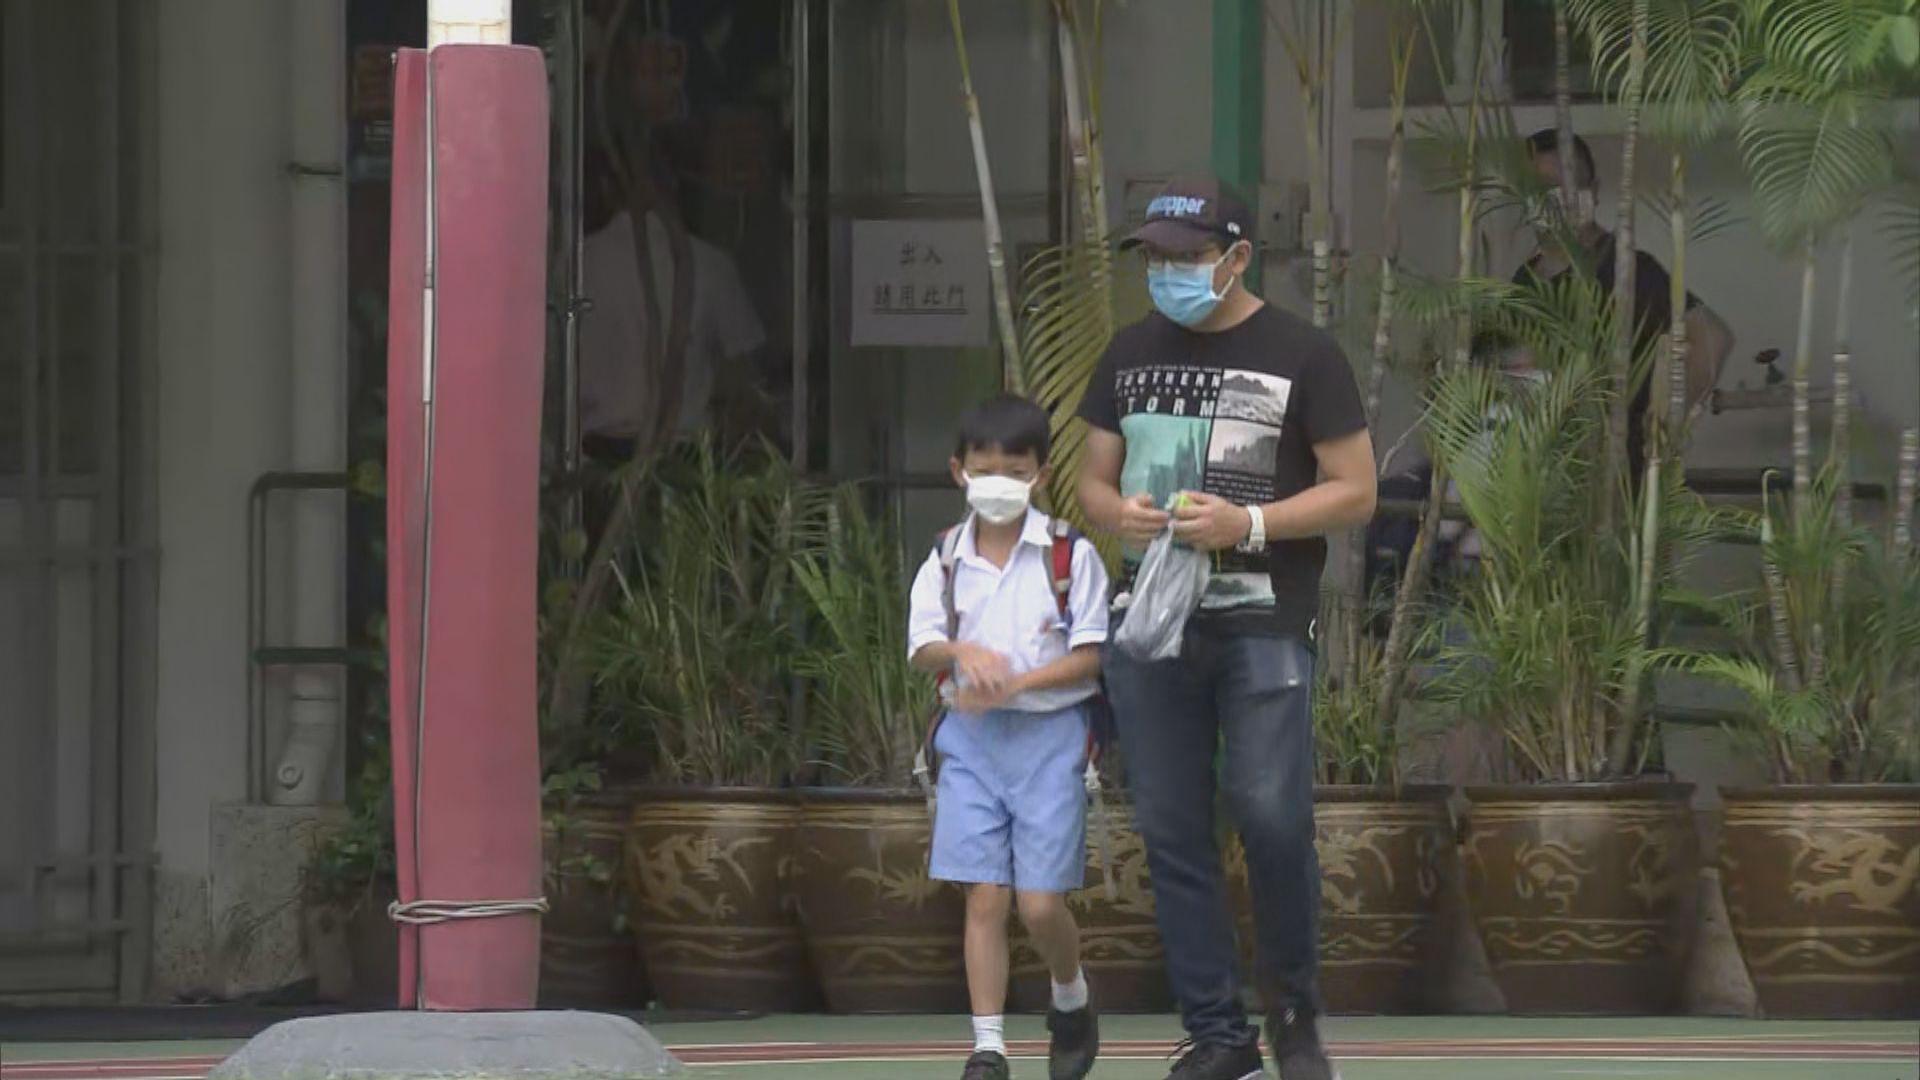 消息:本港新增15宗初步確診 七宗屬本地感染